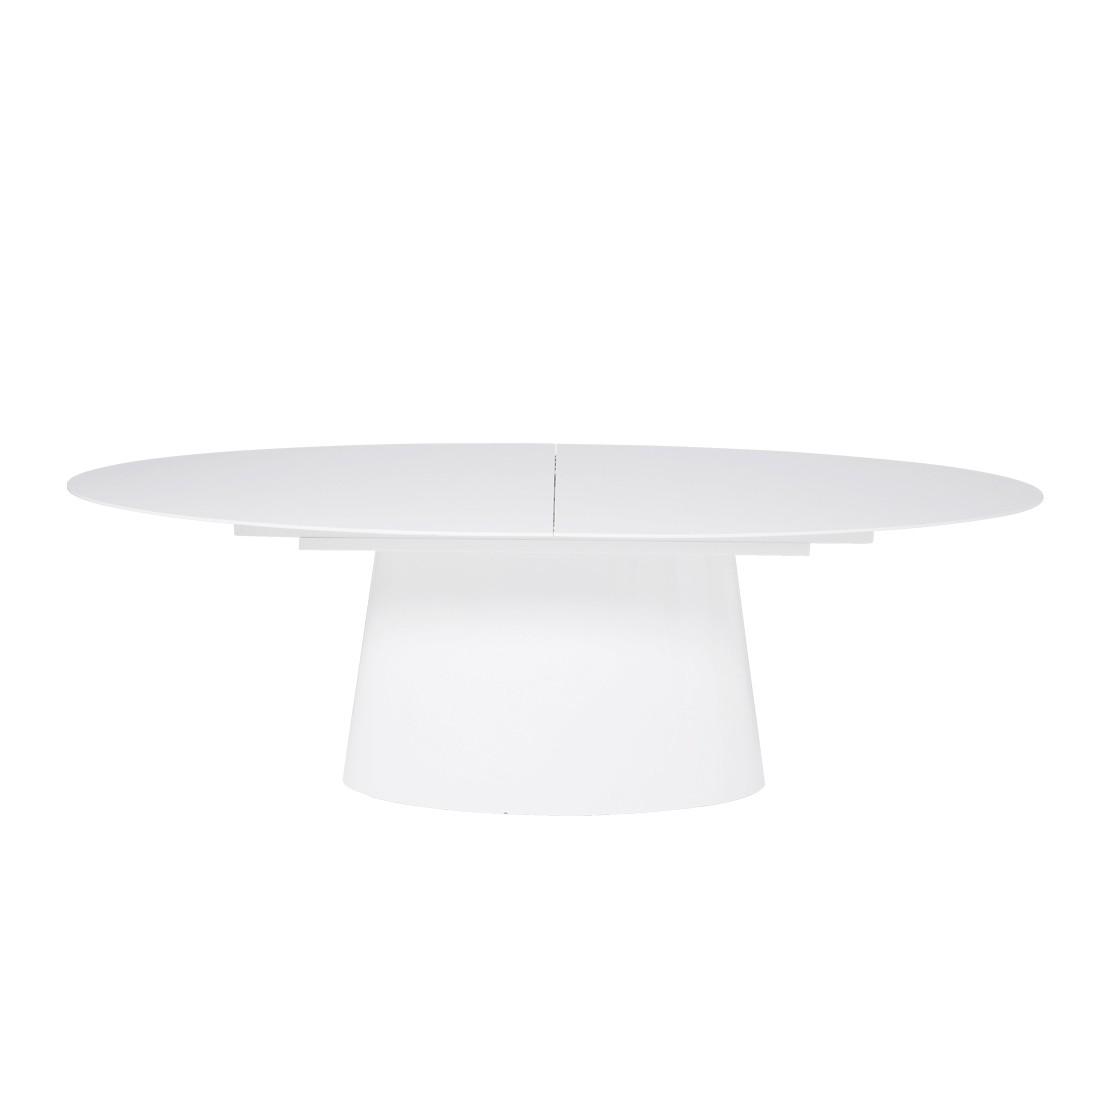 Ausziehtisch Controversia (mit Ausziehfunktion) – Hochglanz Weiß, Kare Design jetzt kaufen